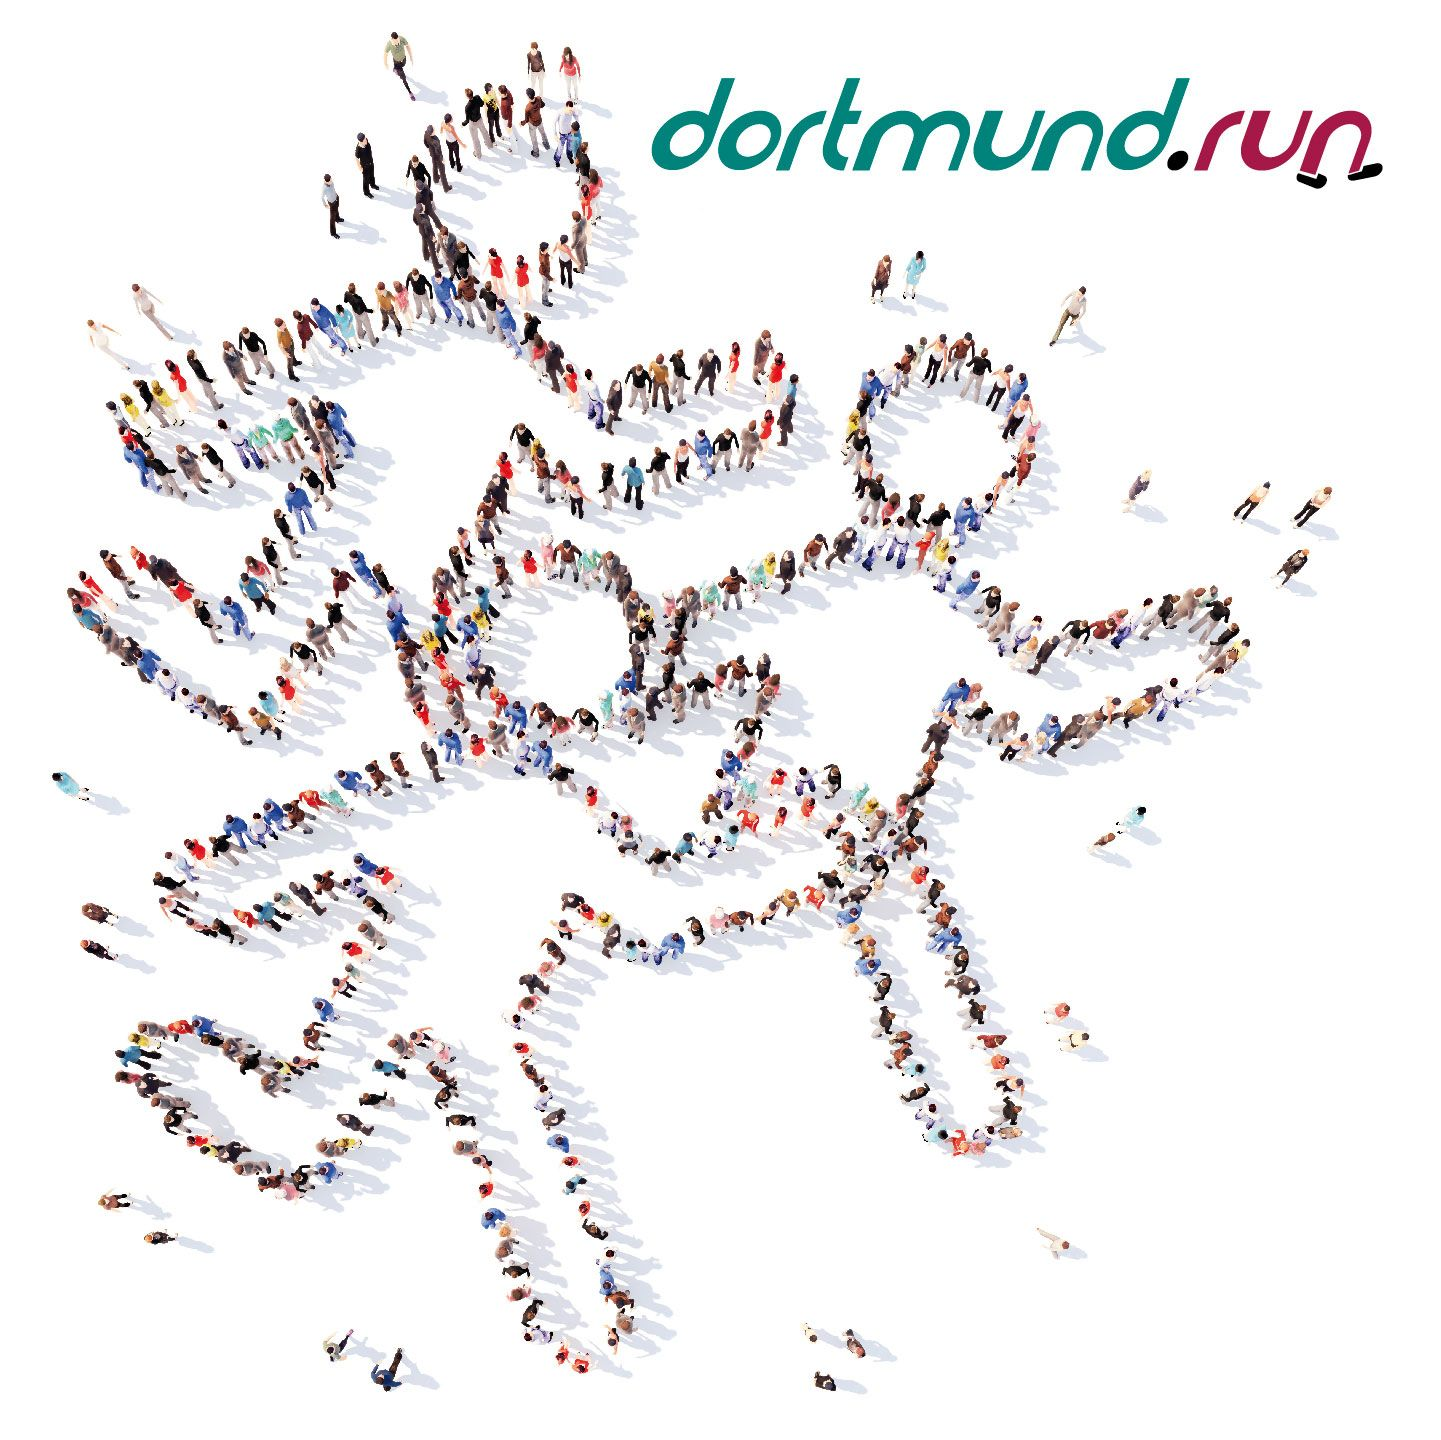 dortmund run homepage_Start Läufer